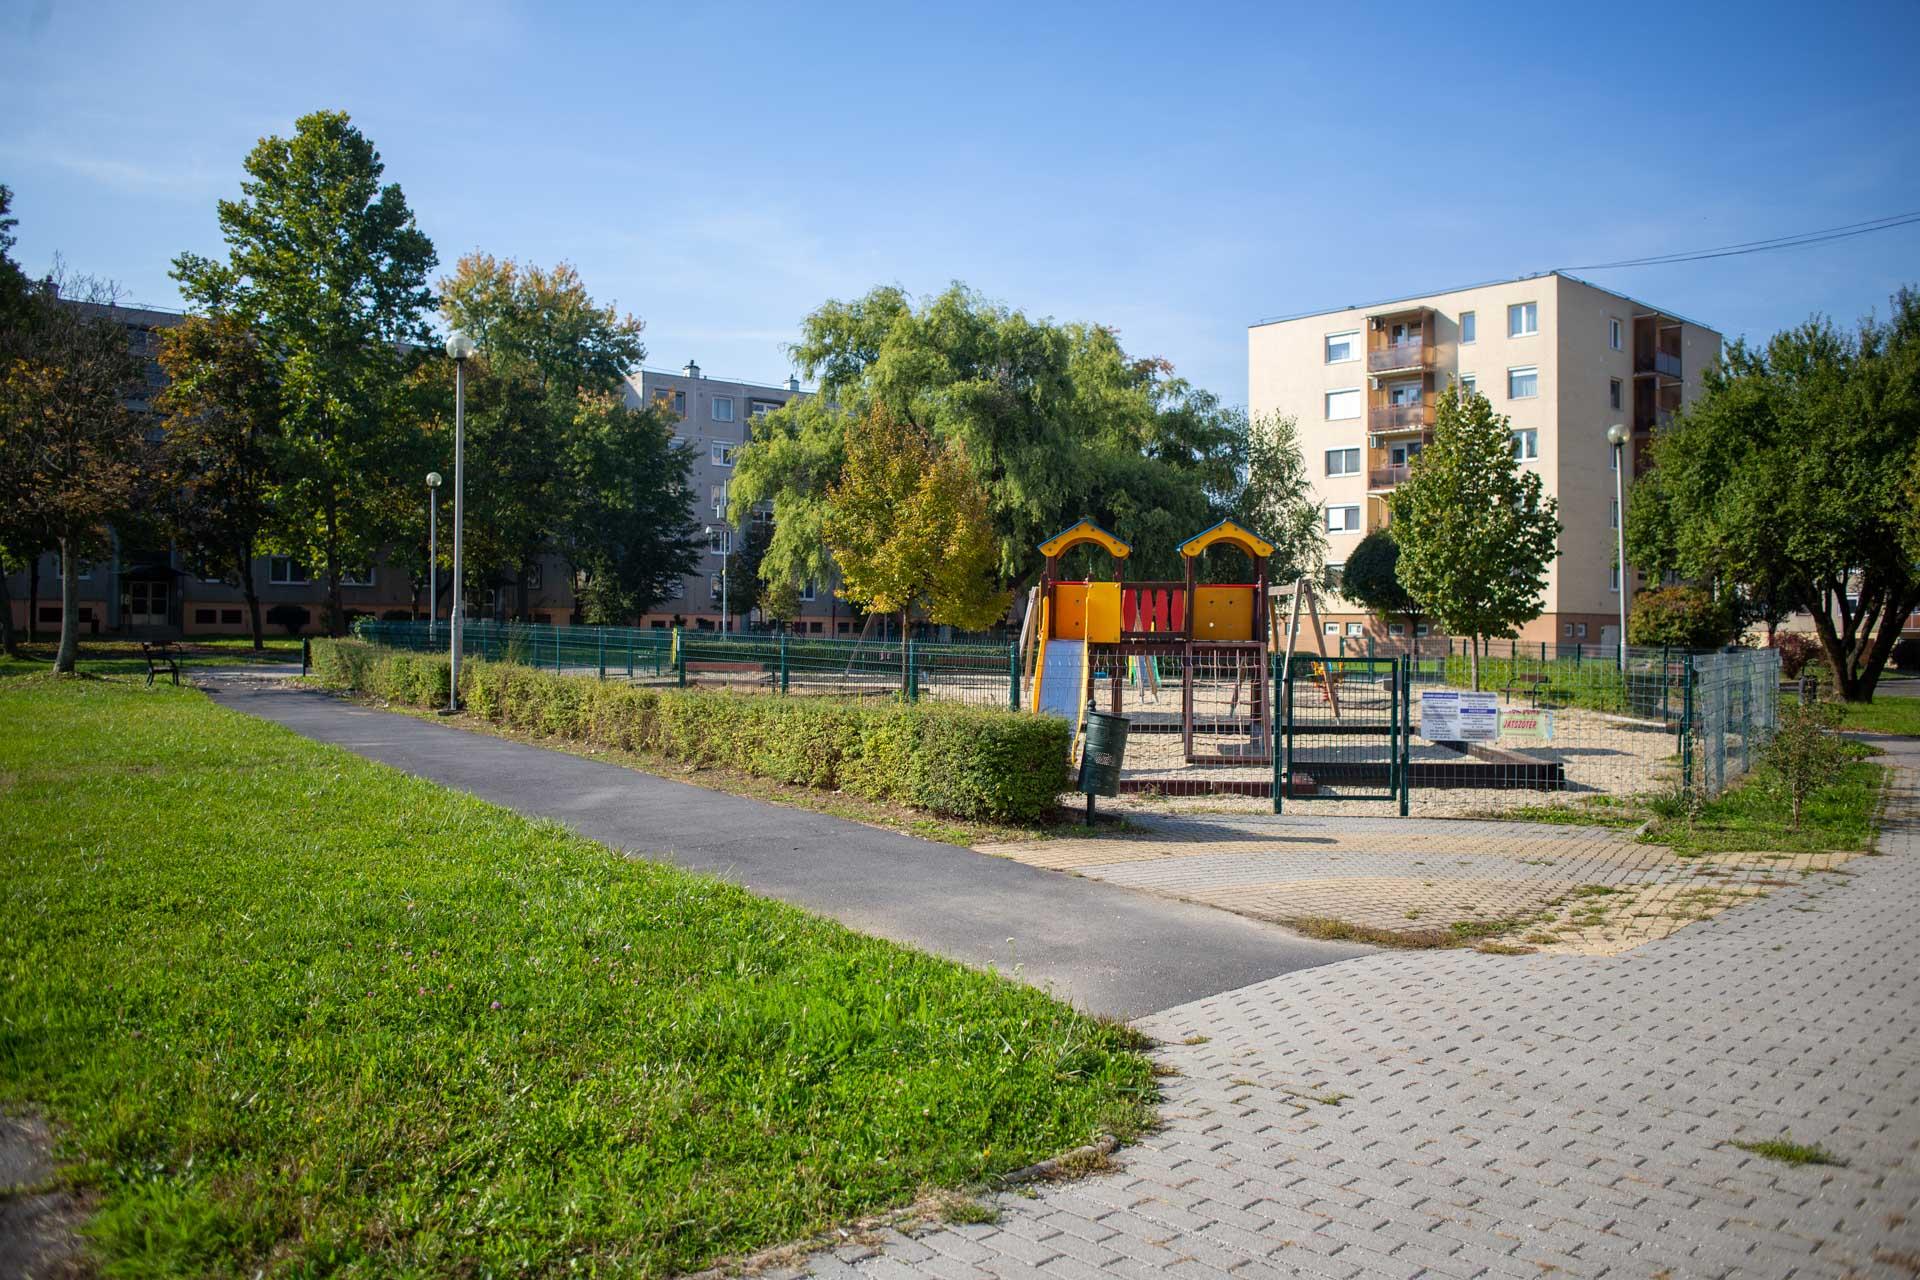 https://kolorline.hu/Két új fitneszpark épül a városban